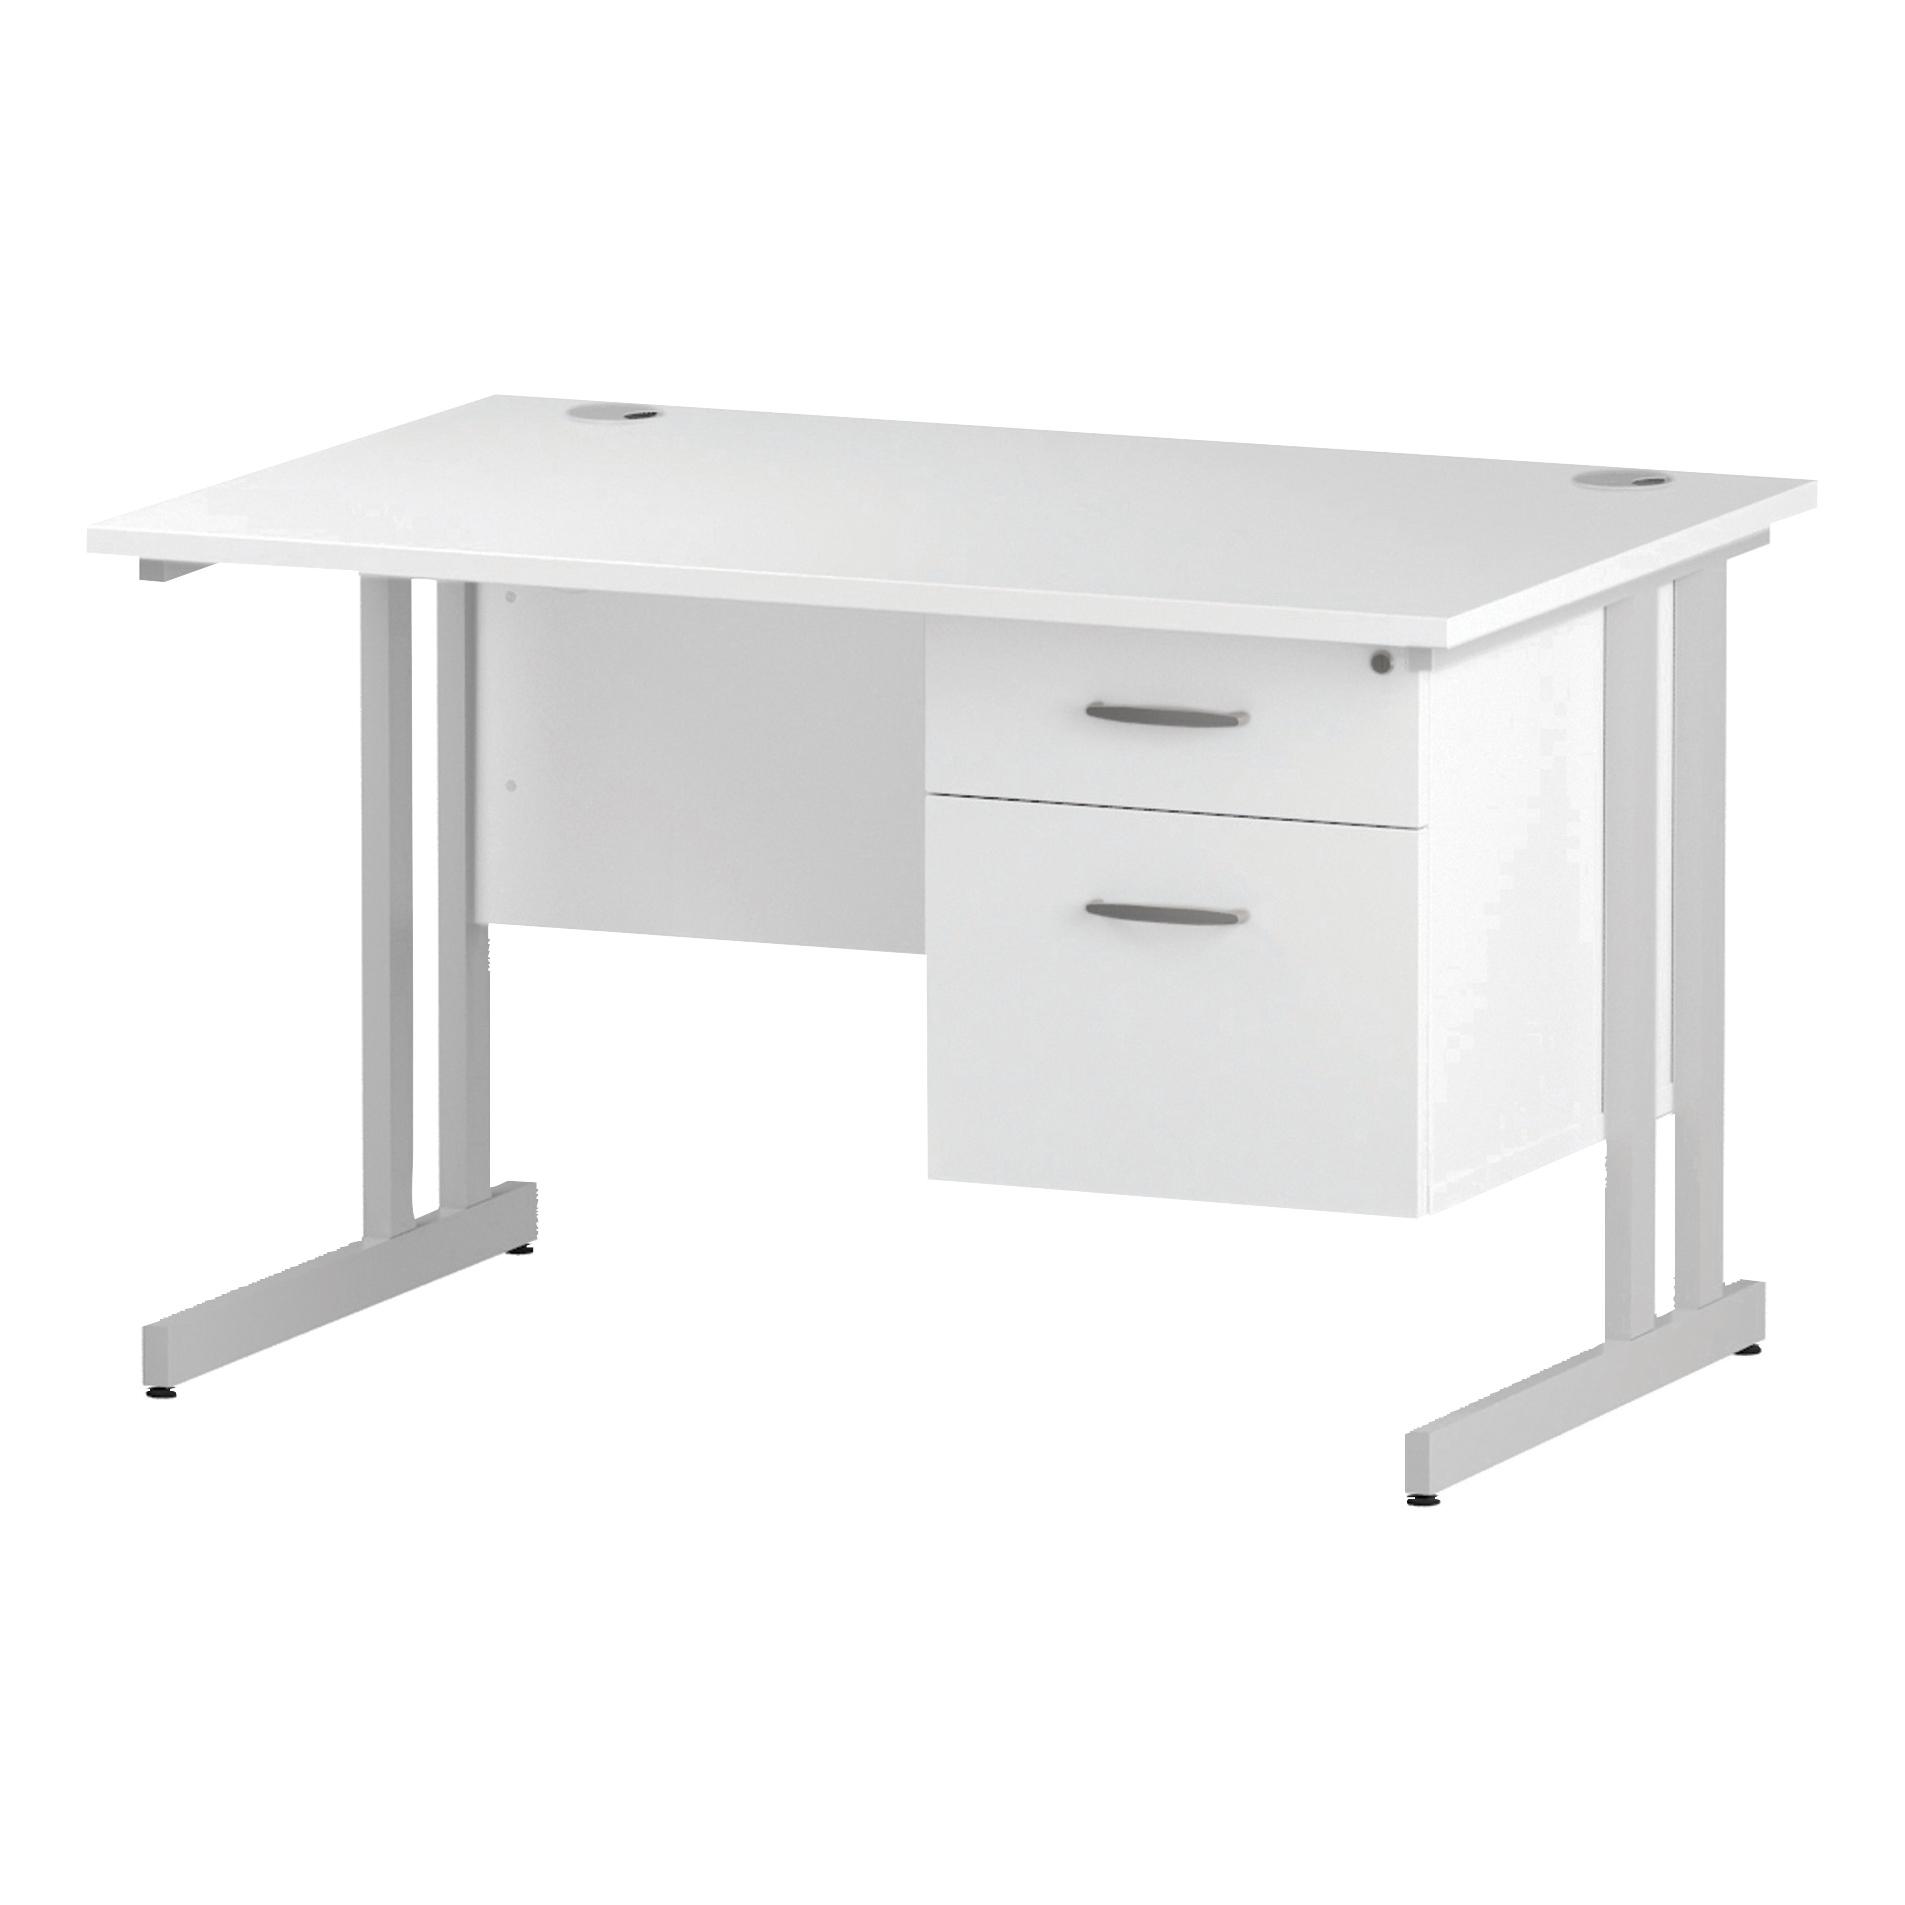 Trexus Rectangular Desk White Cantilever Leg 1200x800mm Fixed Pedestal 2 Drawers White Ref I002209